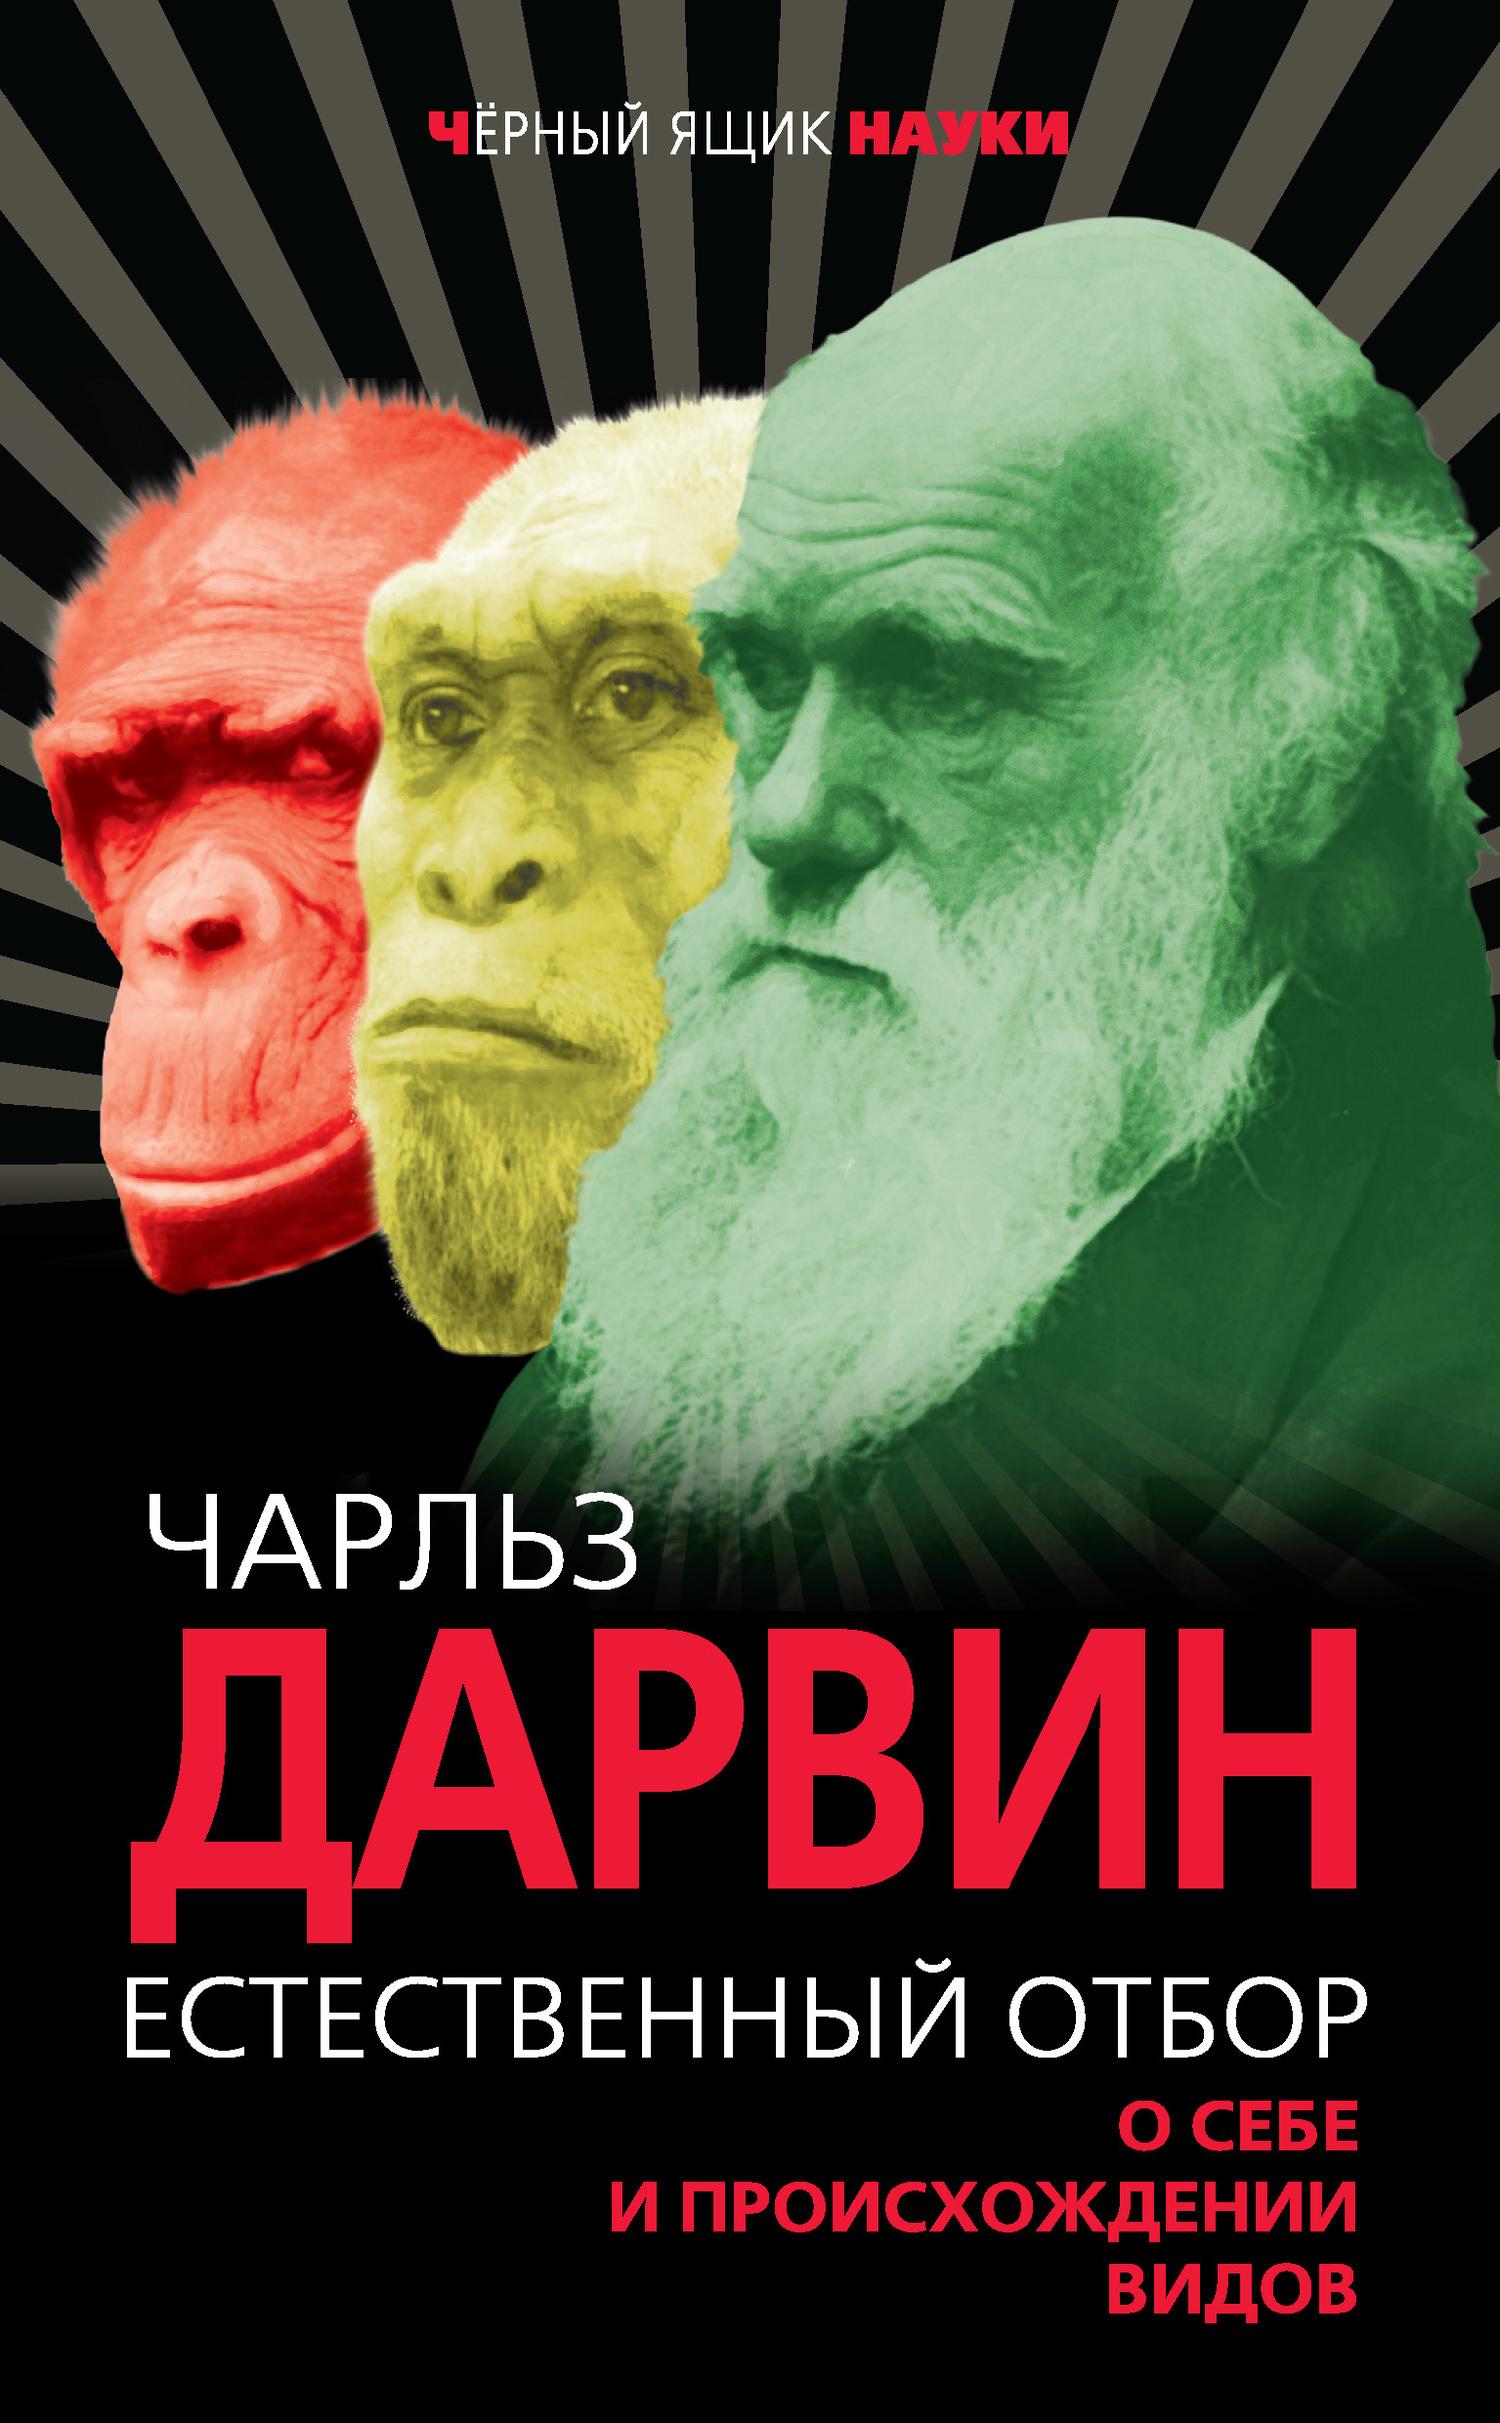 Чарльз Дарвин Естественный отбор. О себе и происхождении видов (сборник) чарльз роберт дарвин происхождение человека и подбор по отношению к полу том 2